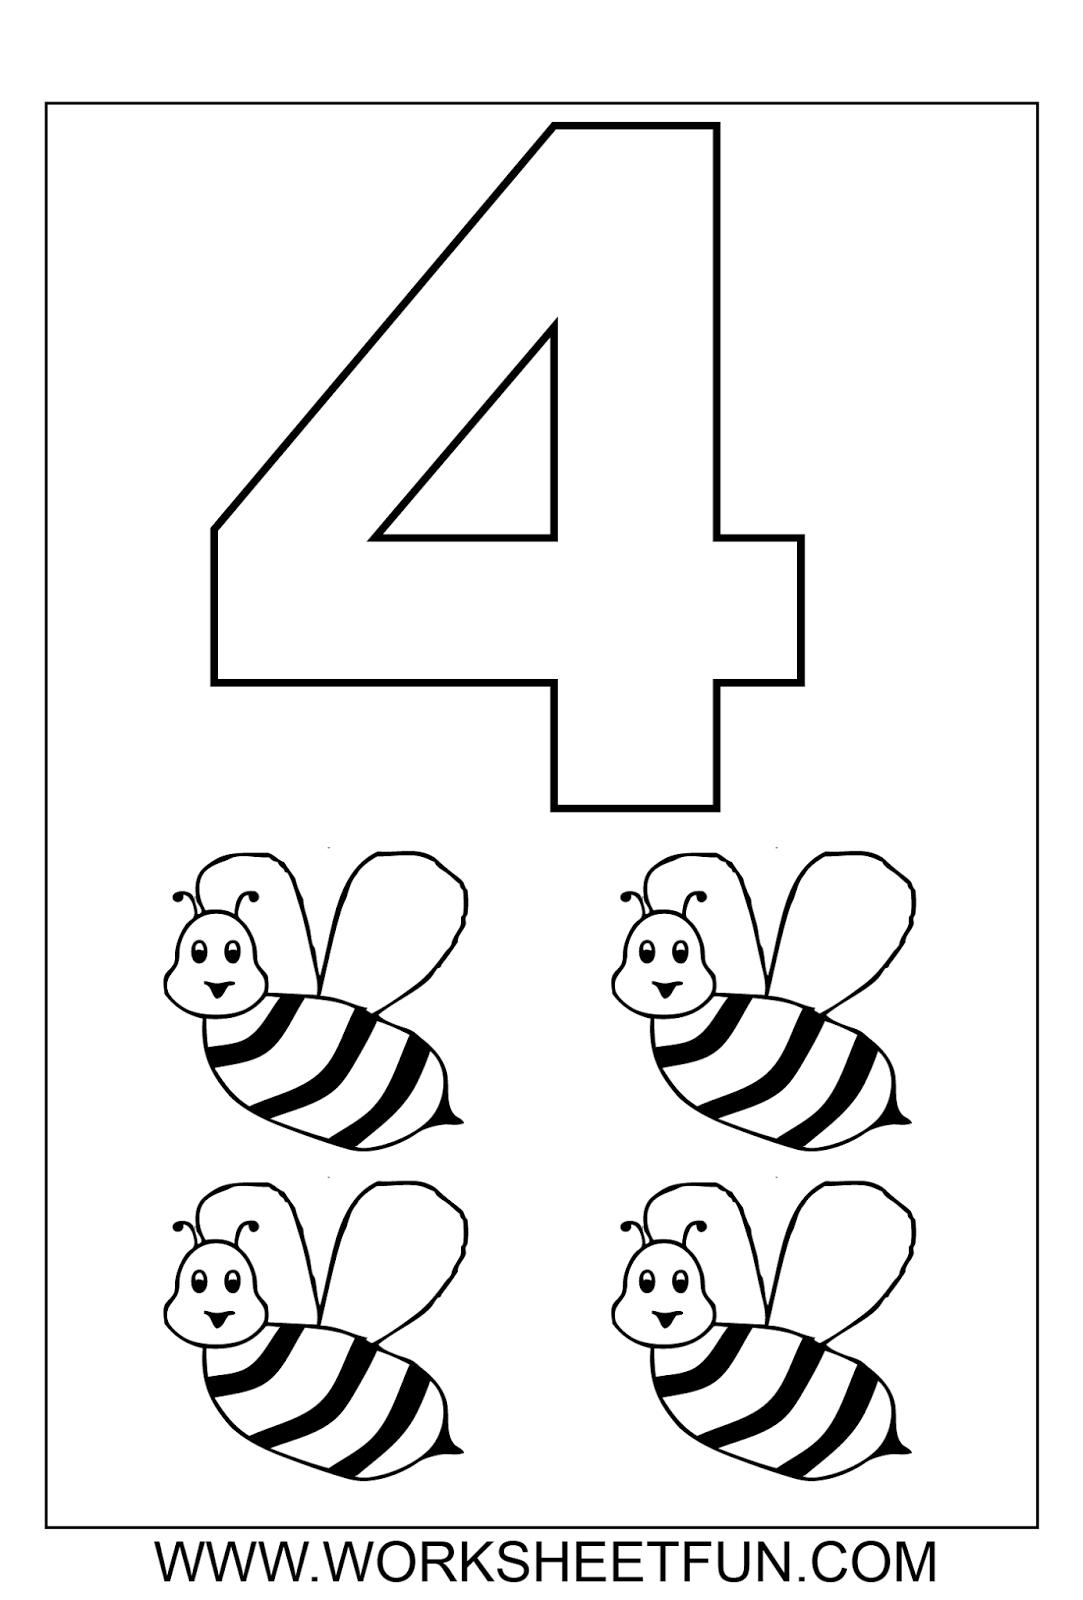 16 Best Images Of Number 16 Worksheets For Preschoolers